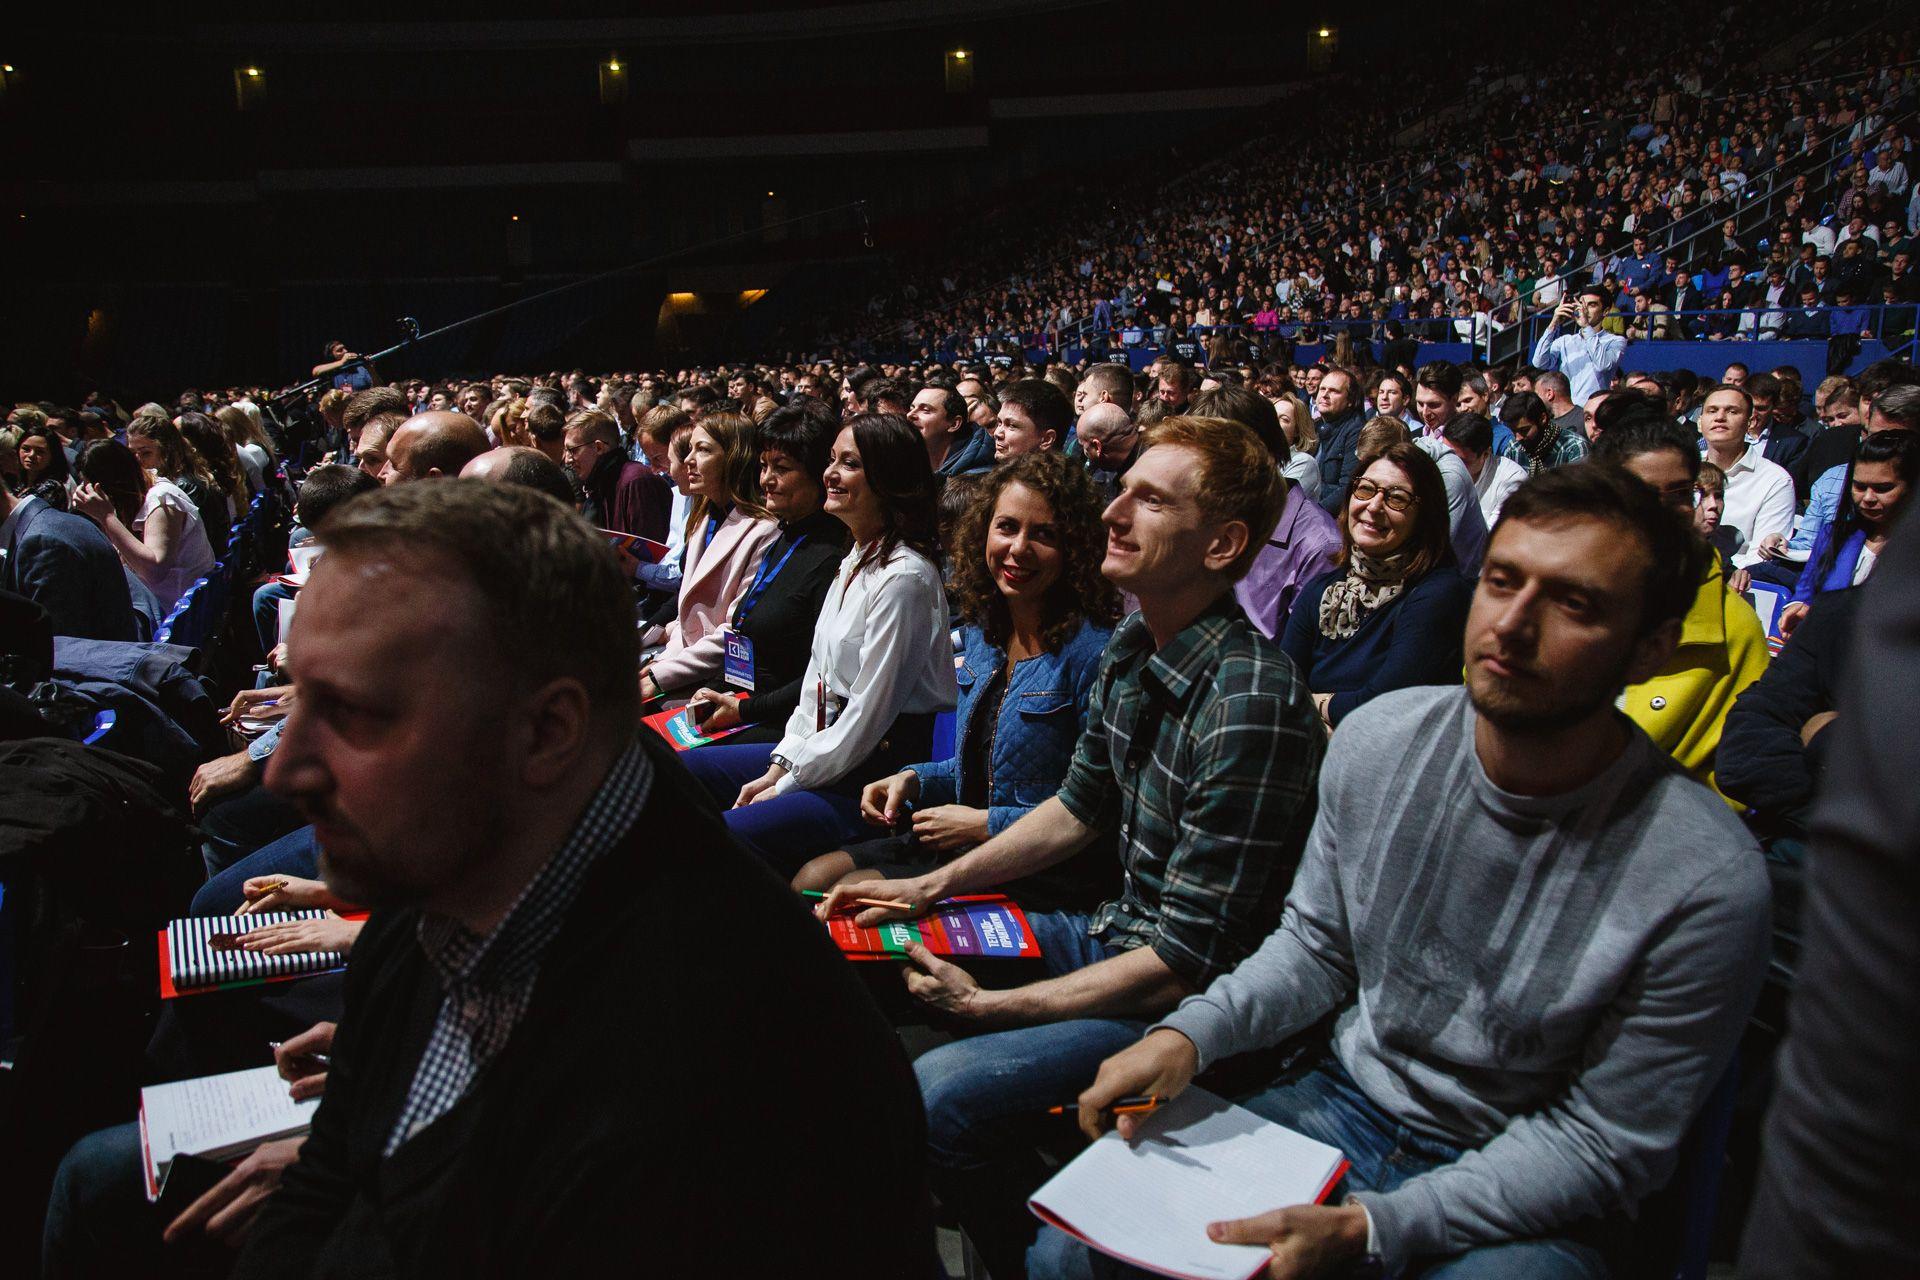 Бизнес курсы для предпринимателей запустят в Москве